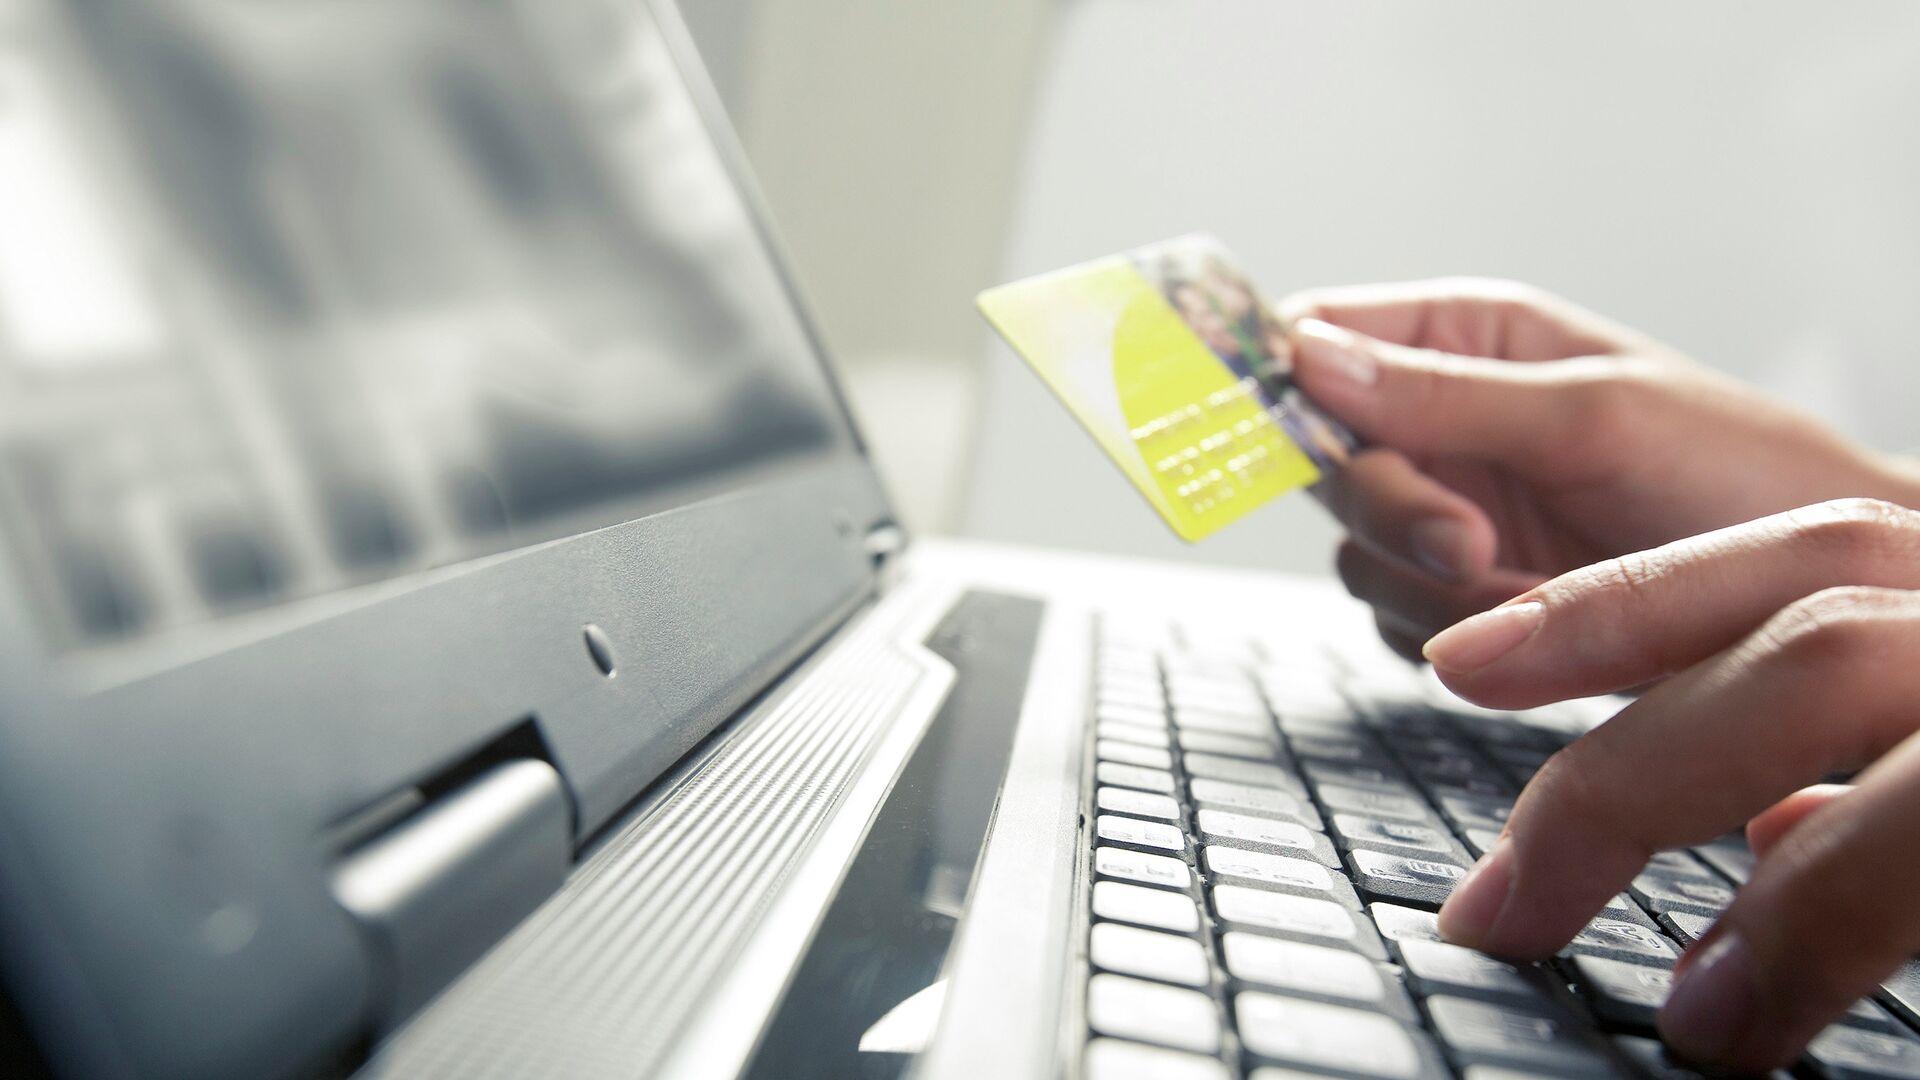 Покупка в интернете с помощью кредитной карты - РИА Новости, 1920, 20.09.2021